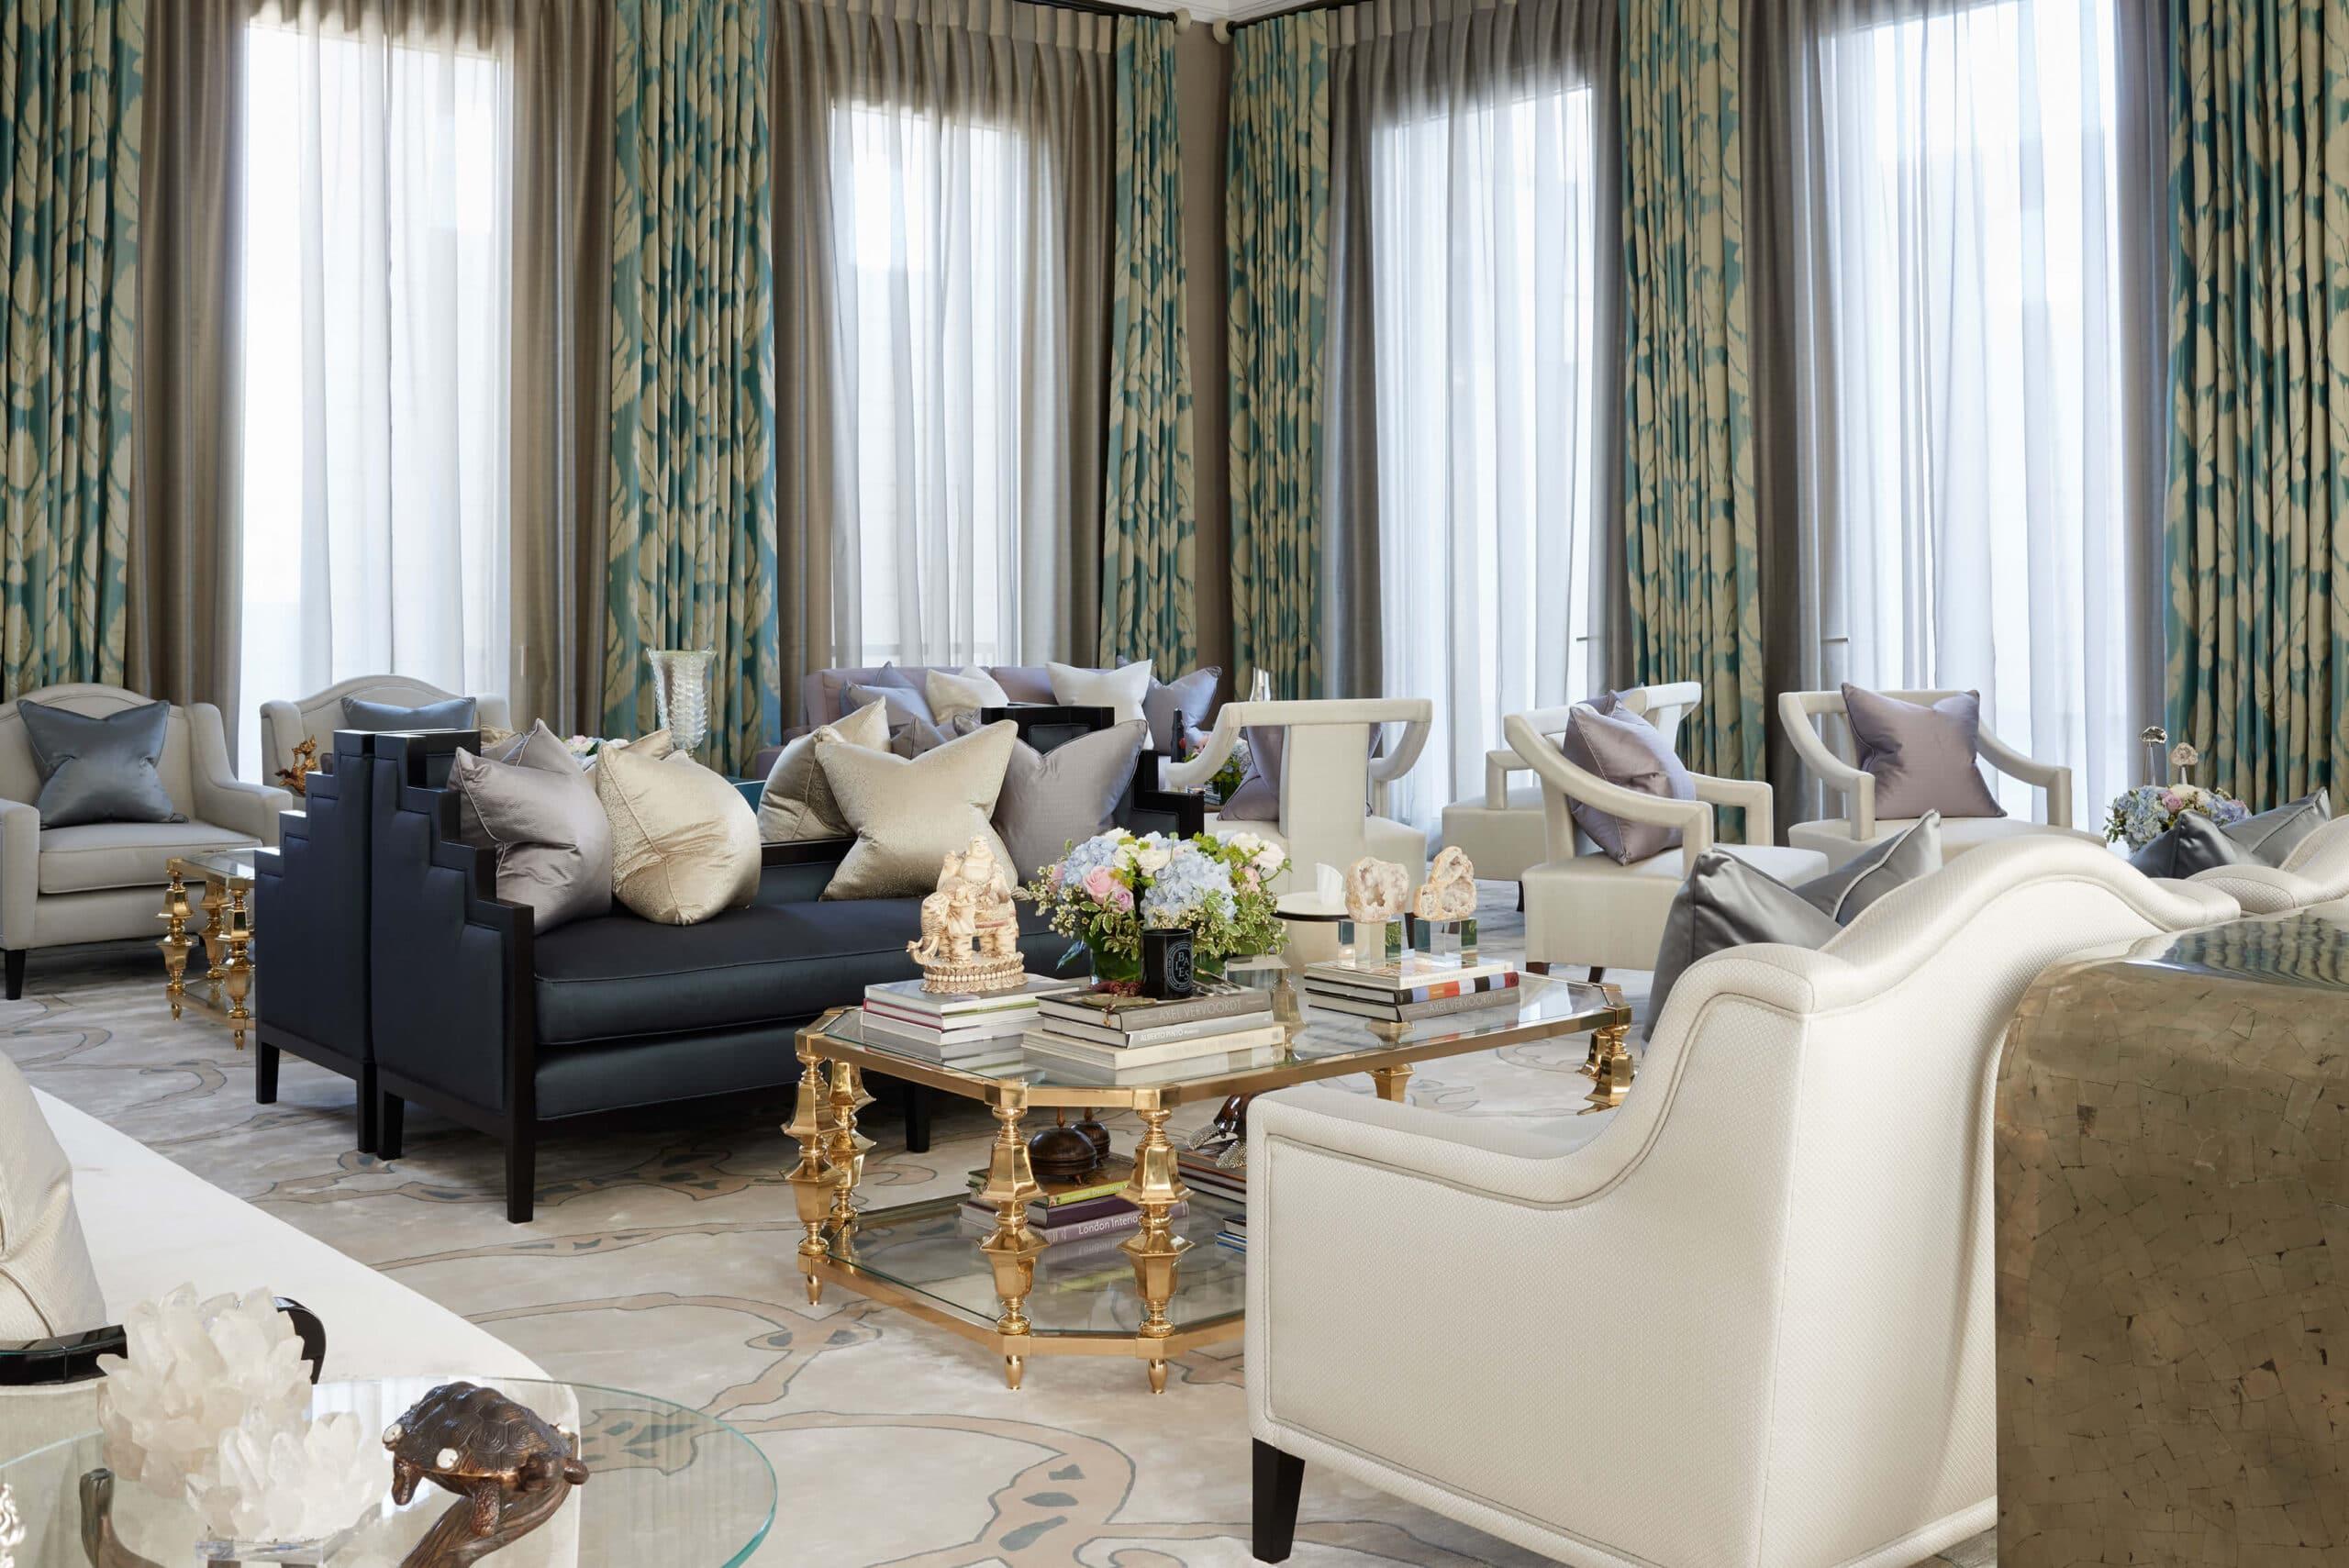 Interior design studio kuwait